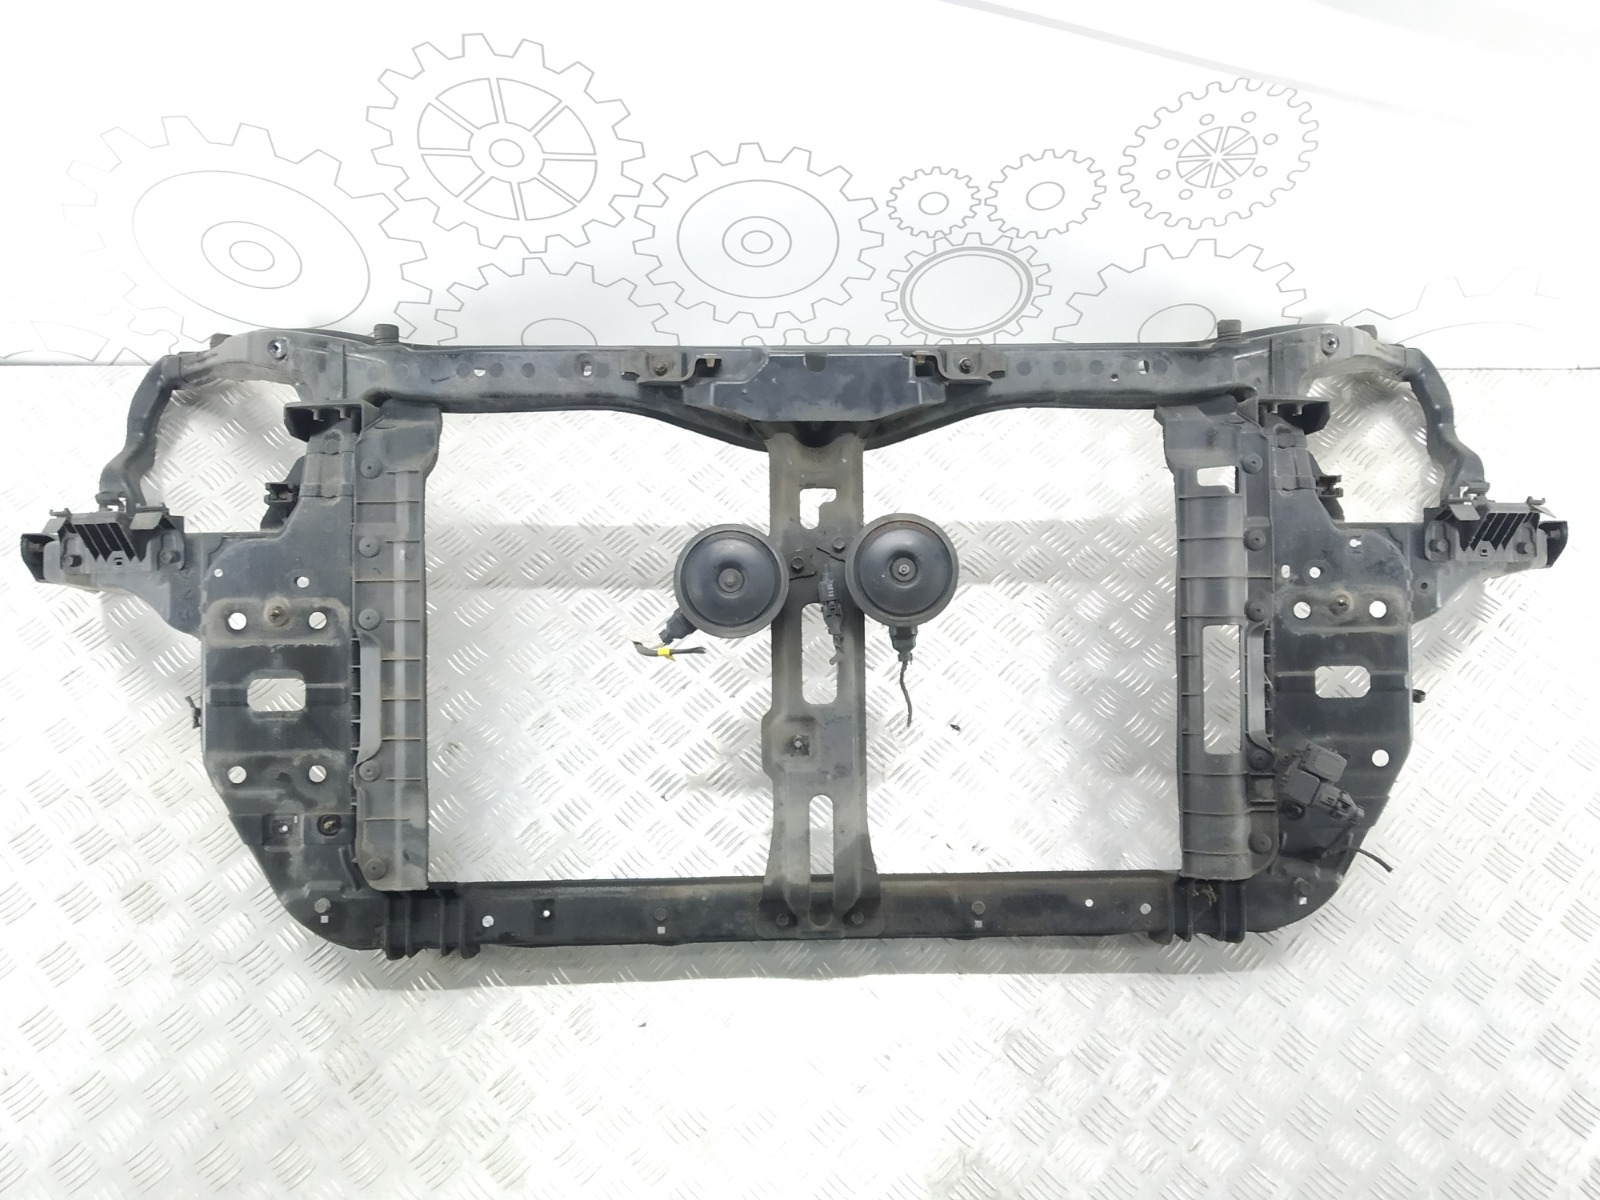 Передняя панель крепления облицовки (телевизор) Kia Carens 2.0 CRDI 2006 (б/у)